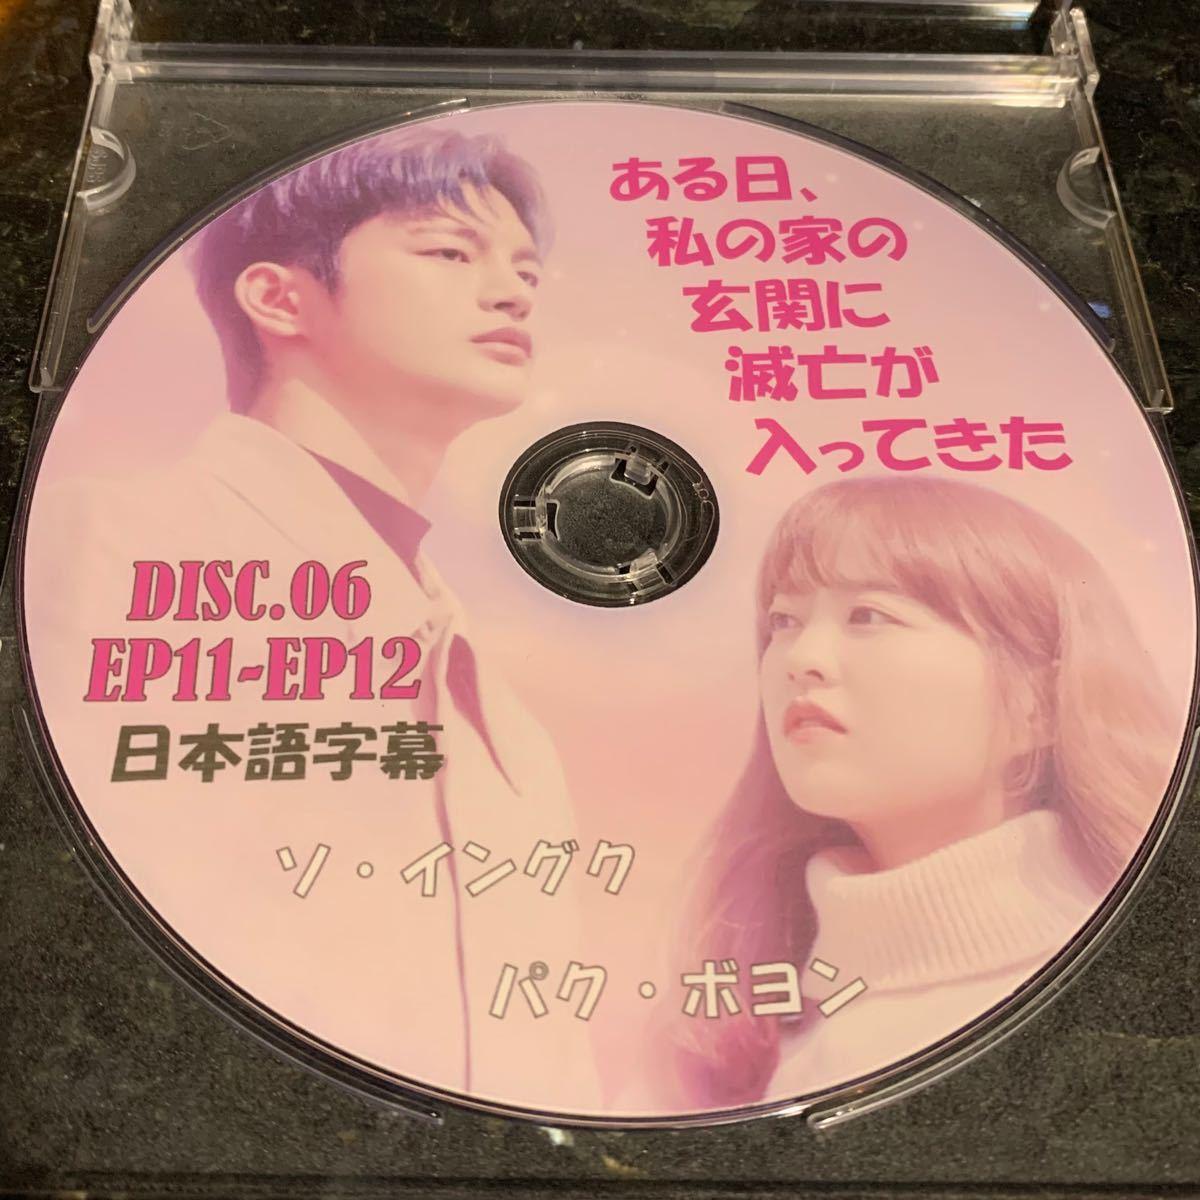 韓国ドラマ ソイングク ある日、私の家の玄に滅亡が入ってきた DISK06(日本語字幕)EP11+12 DVDレーベル印刷付